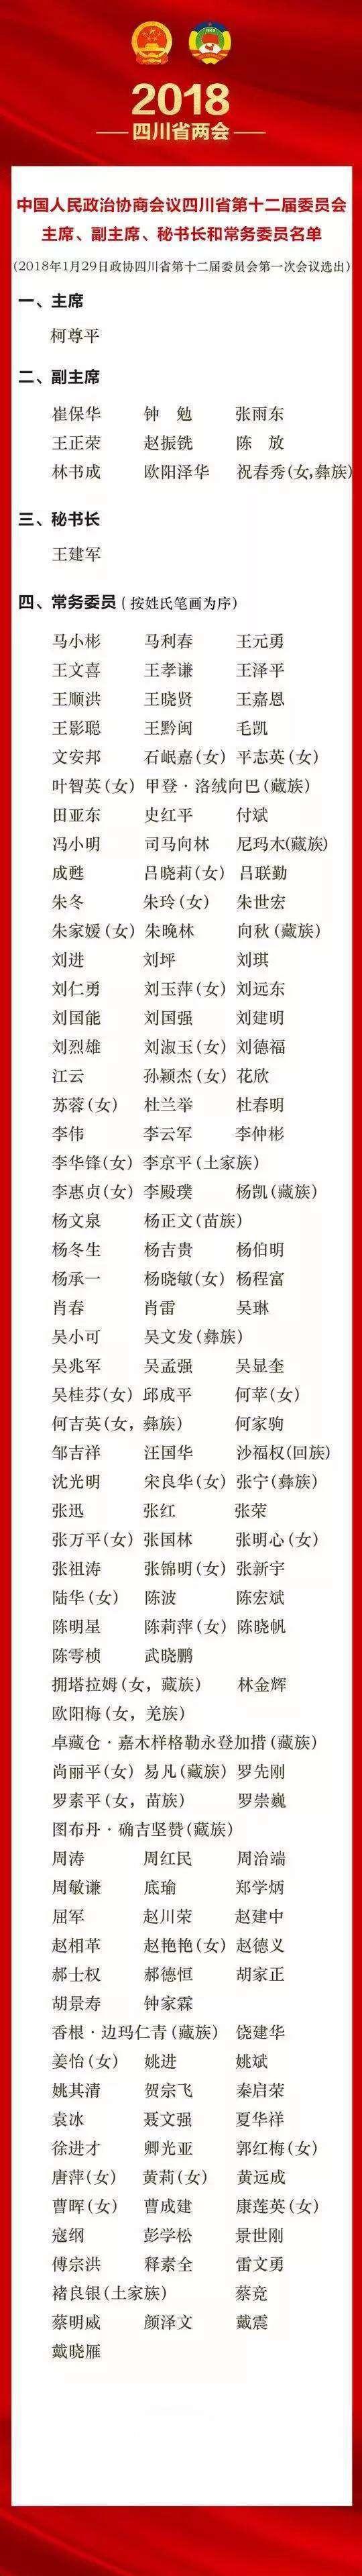 铁骑力士集团董事长雷文勇再次当选新一届四川省政协常务委员!